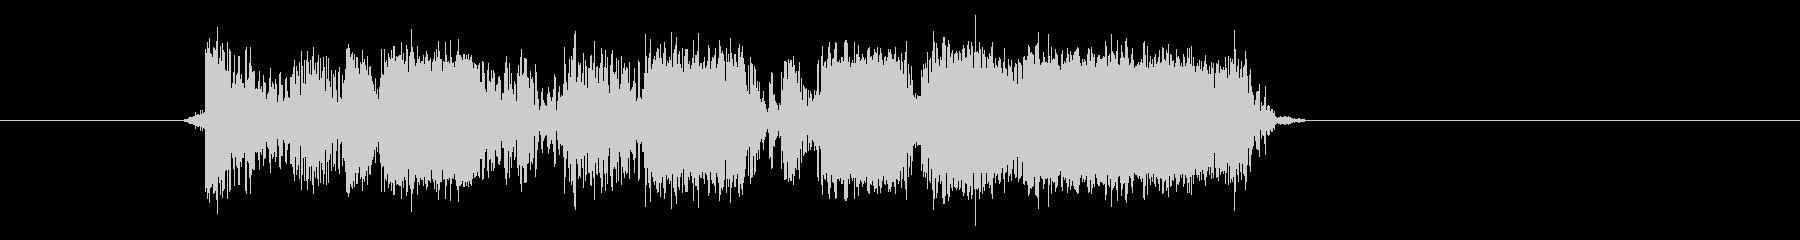 激しいベースの音の未再生の波形